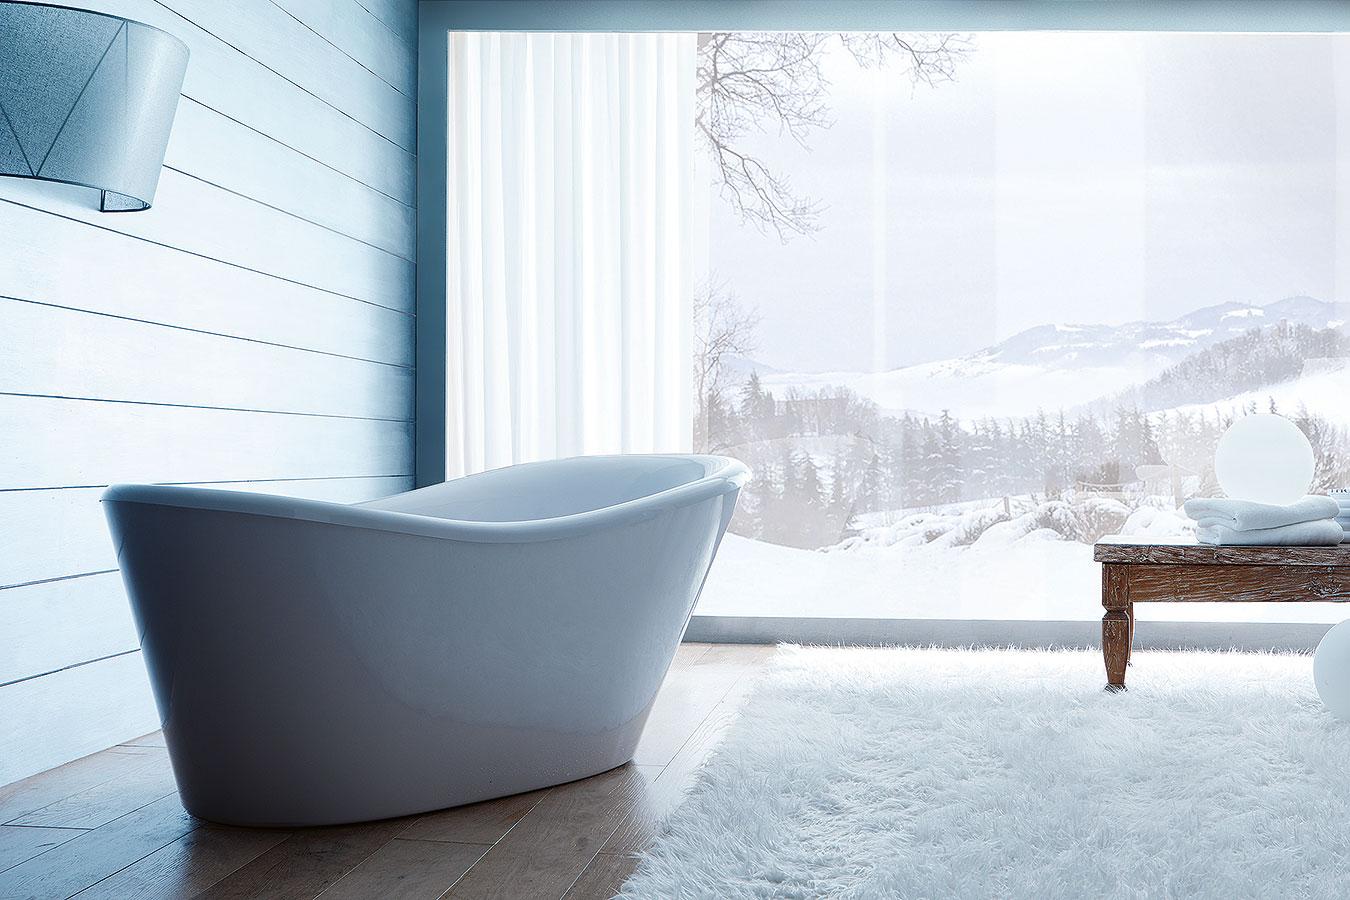 Vasca Da Bagno 180 80 : Vasche da bagno ad angolo